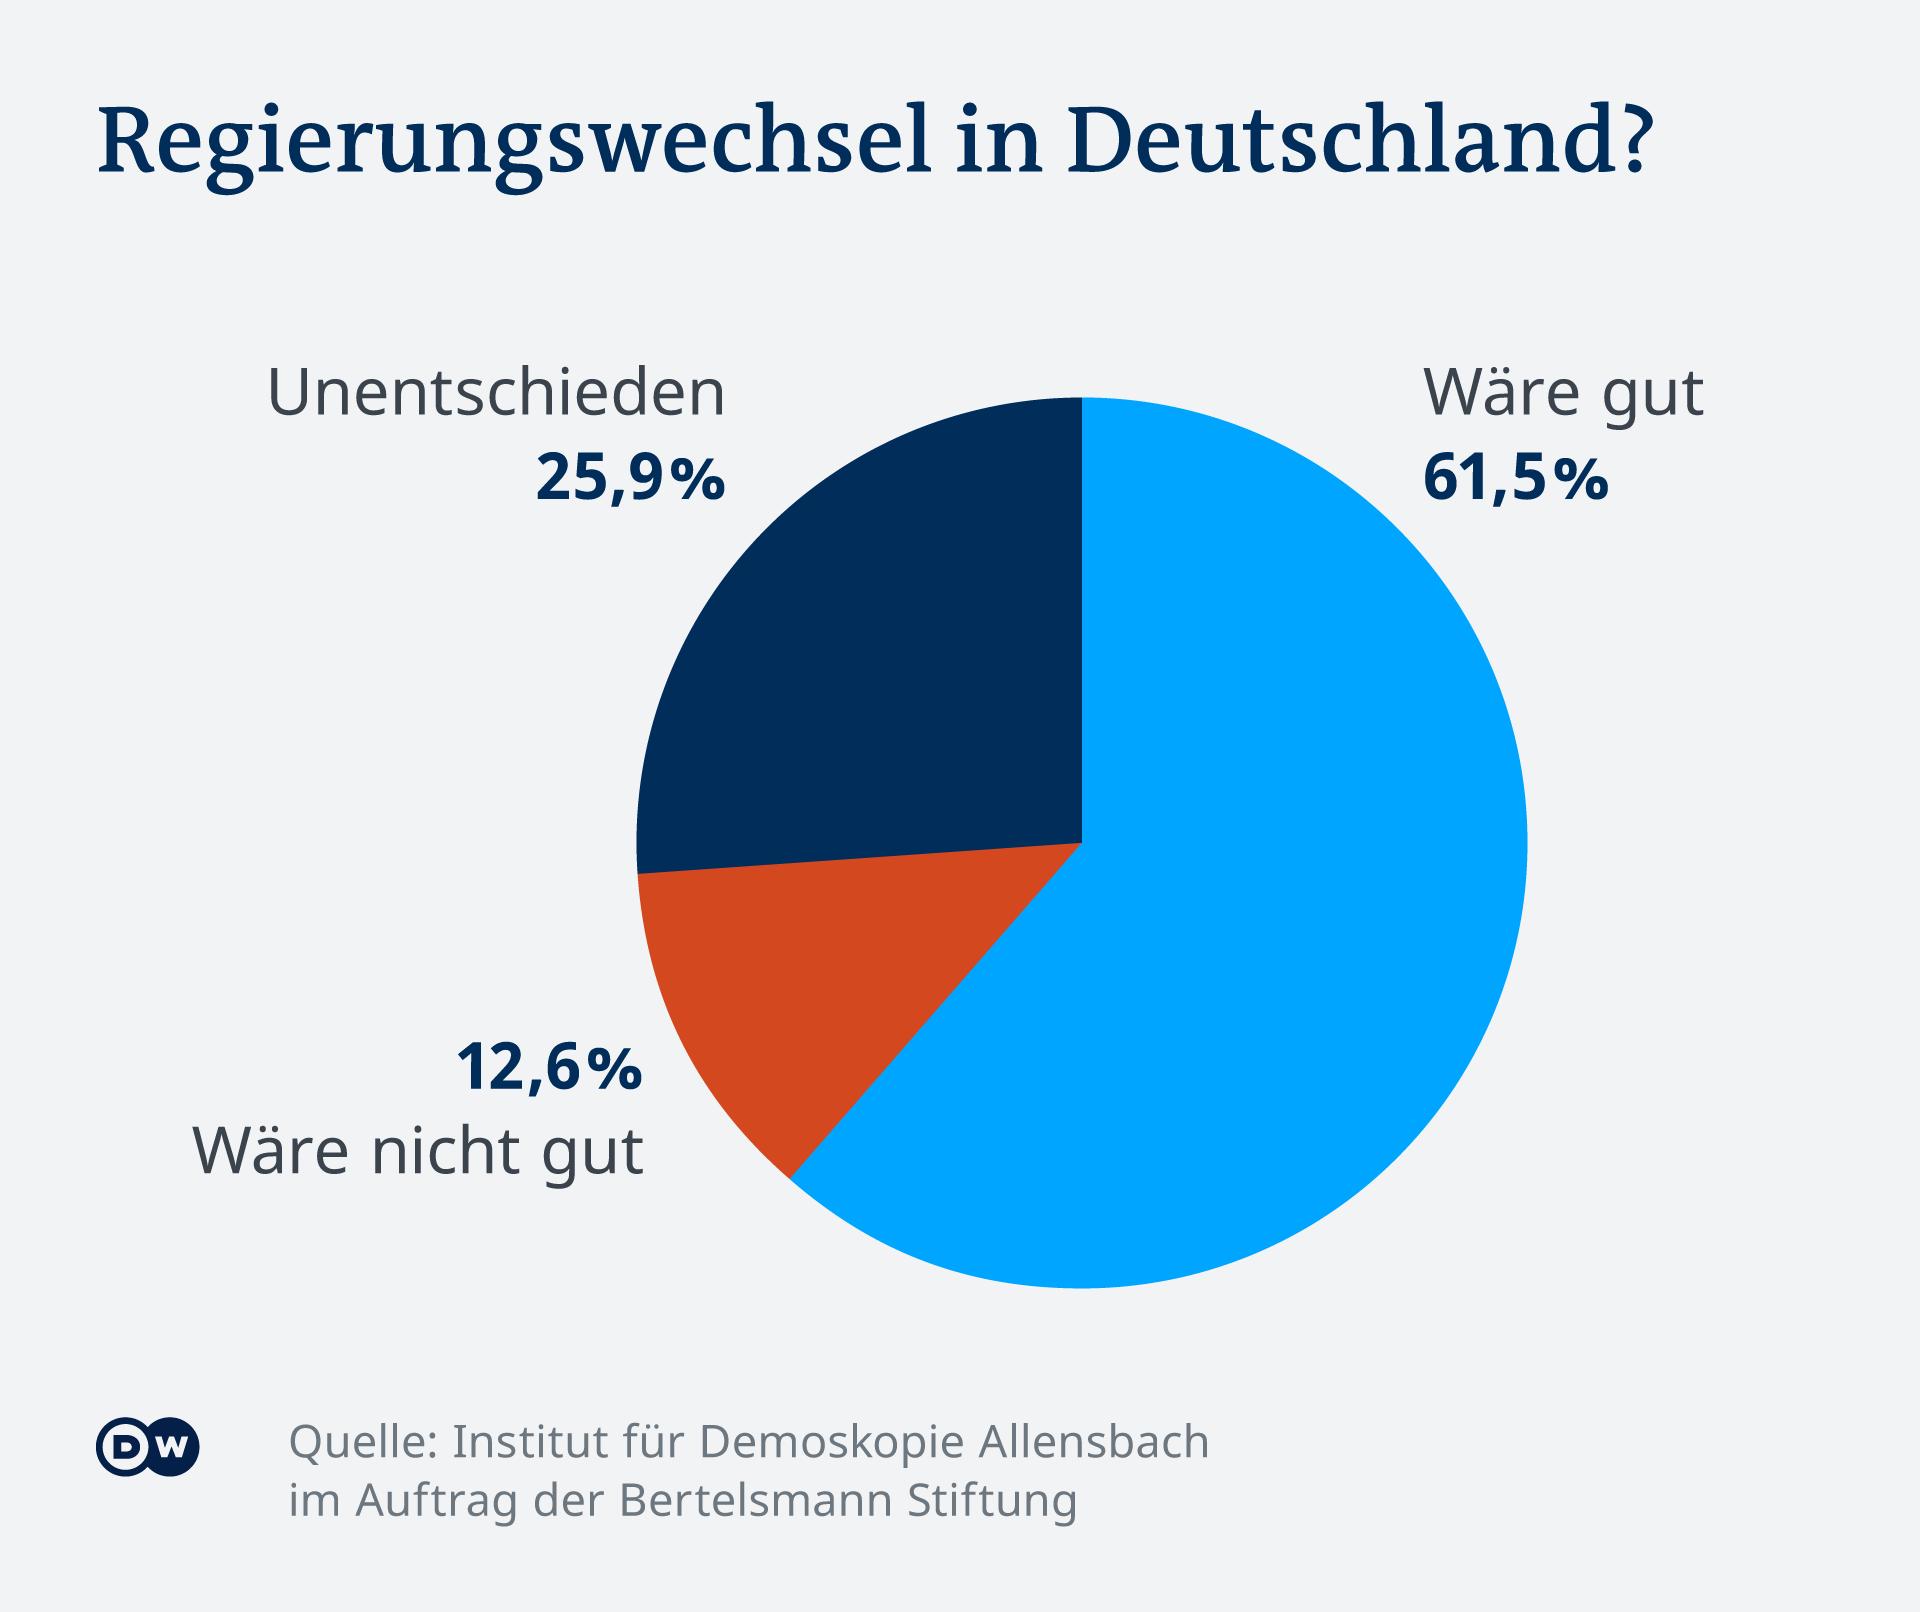 Rezultati ankete o želji za promjenom u Njemačkoj